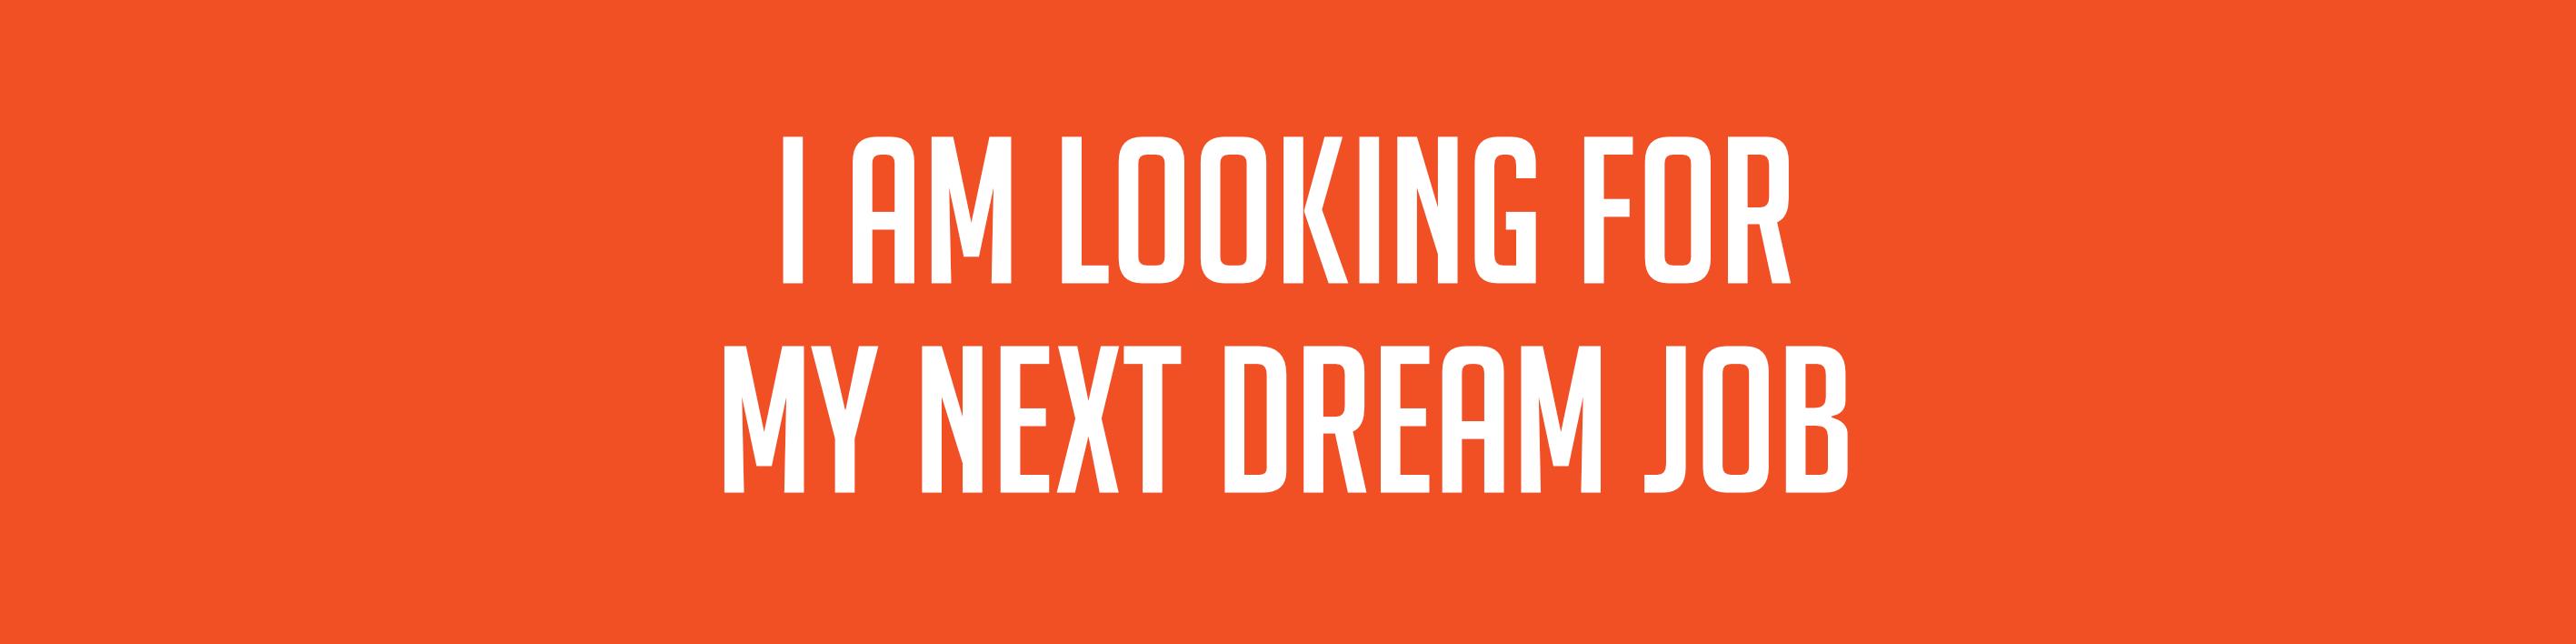 Next-dream-job.jpg?mtime=20190710134600#asset:652405